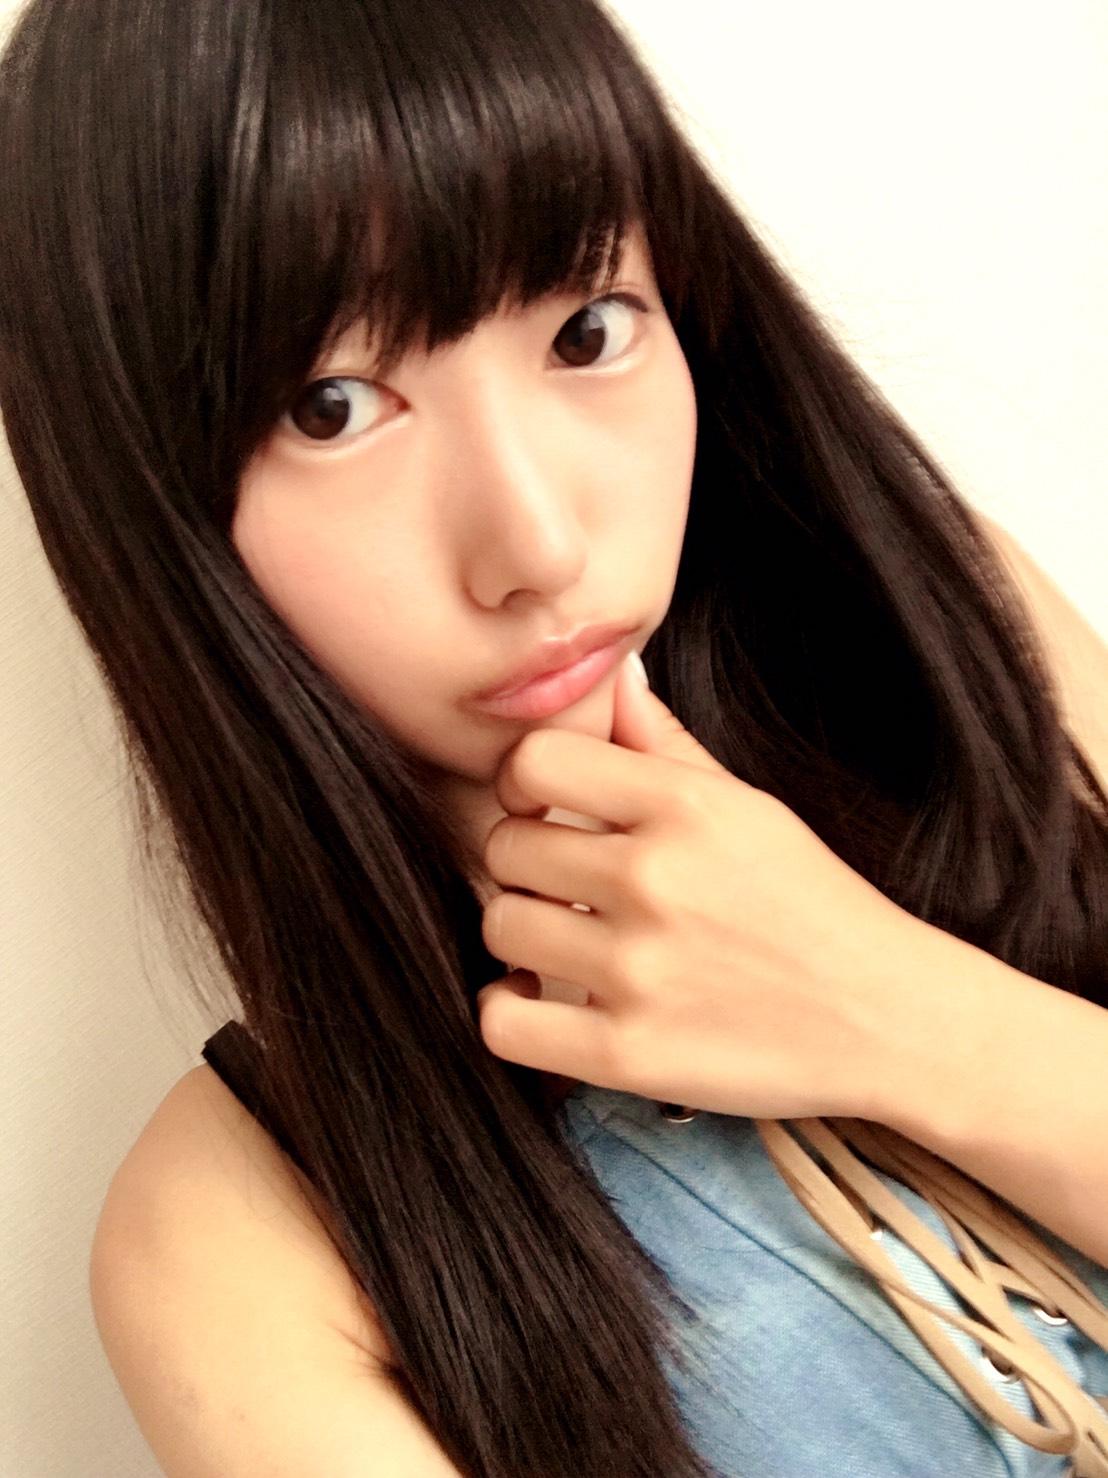 夏野香波 9月23日(土)『渋谷原宿女子会議』#4